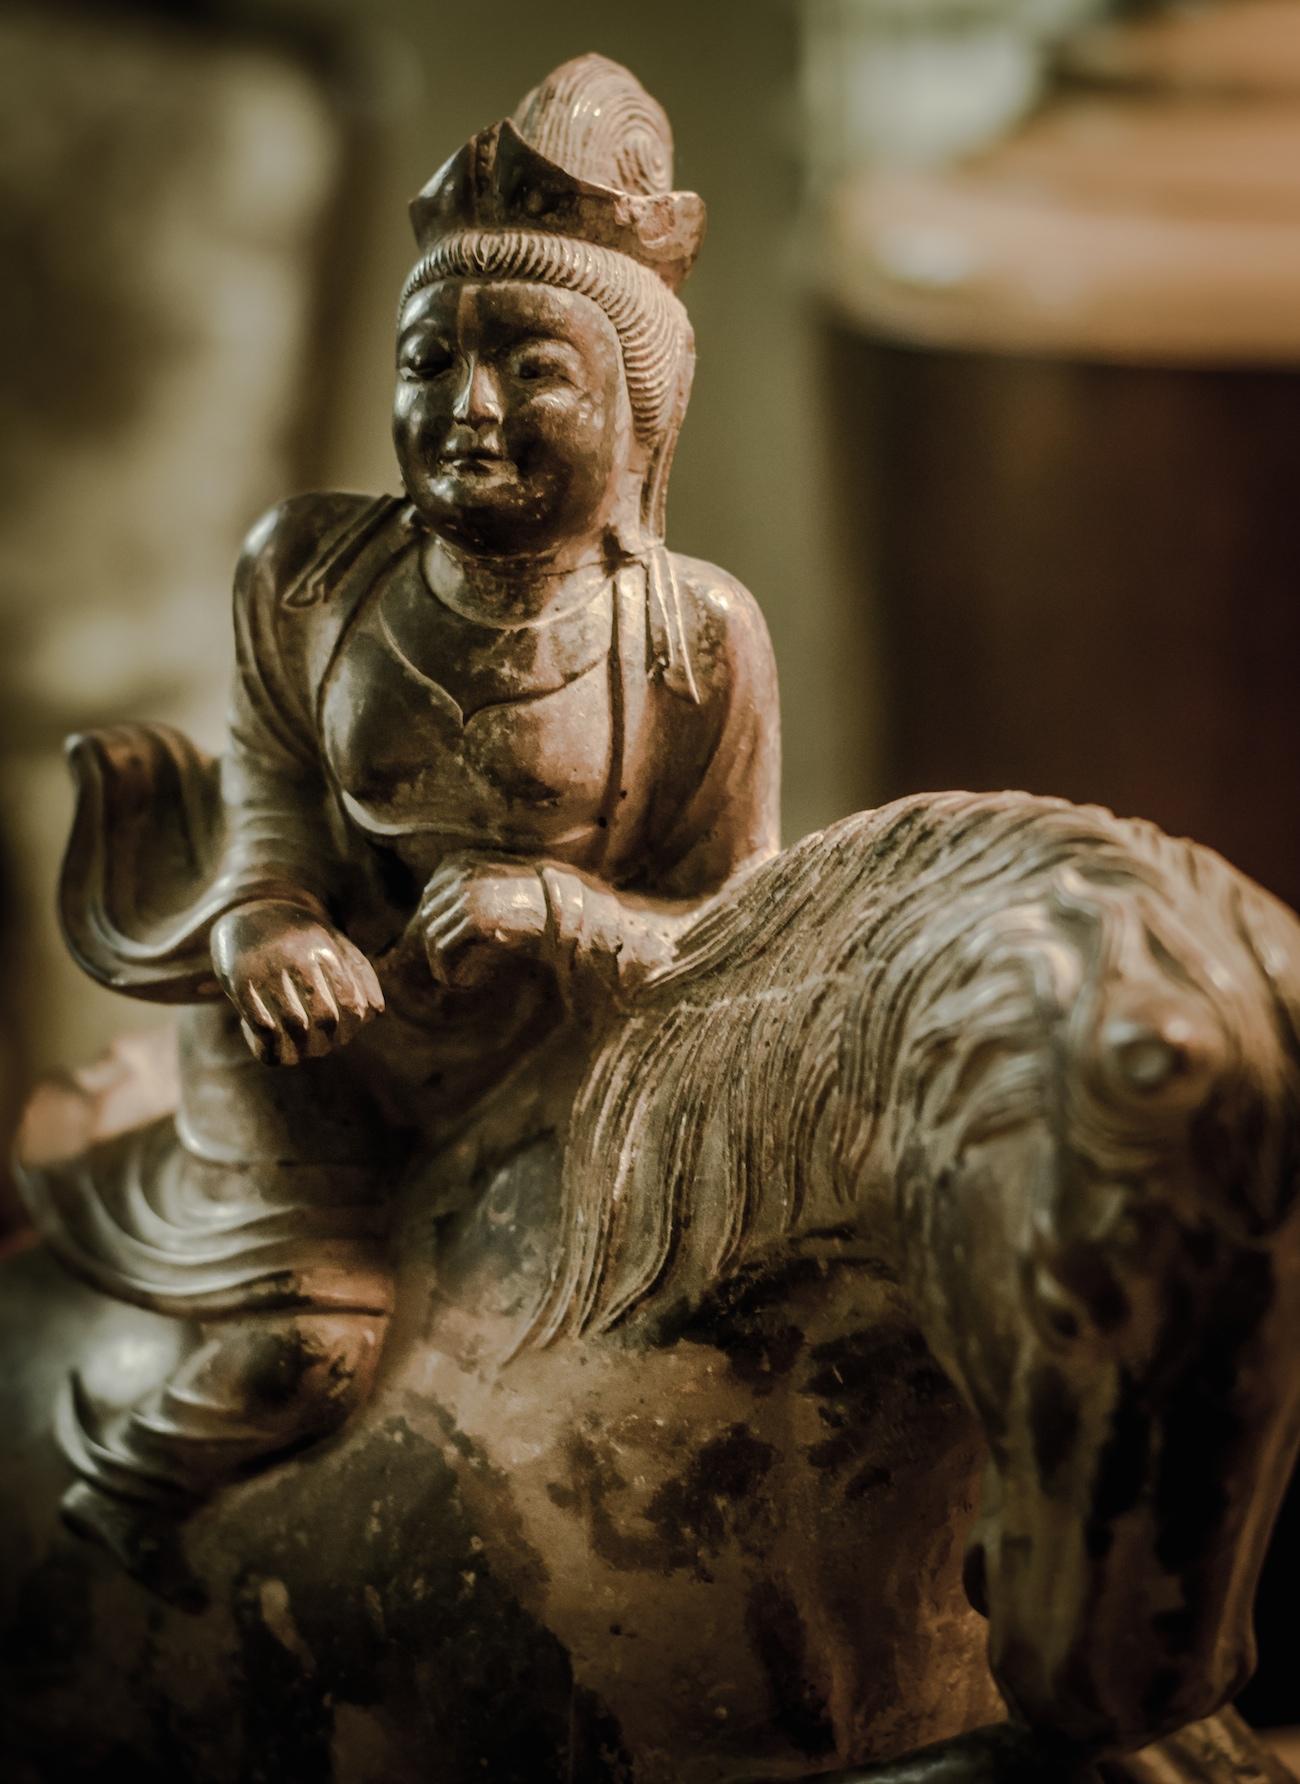 Hooker_statue_asian